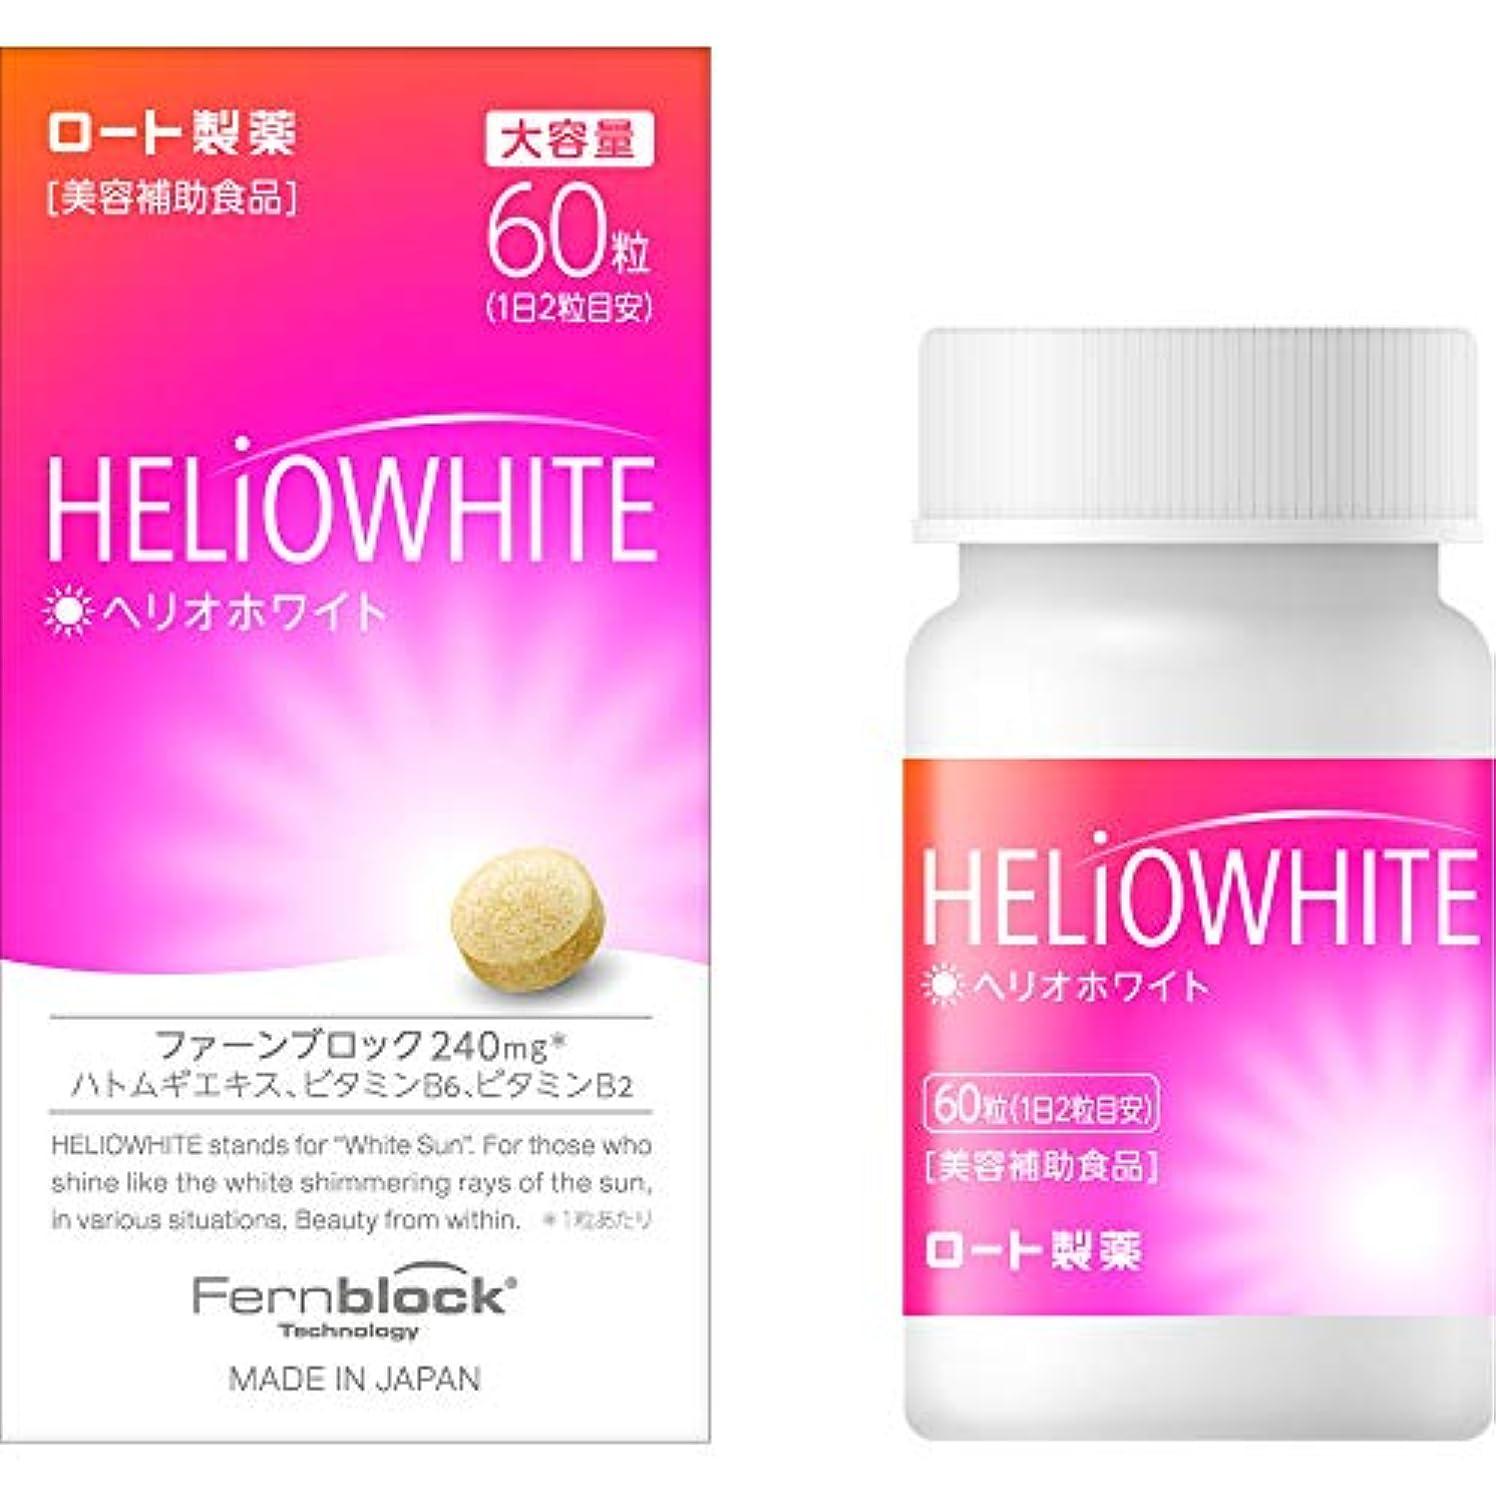 評価可能矛盾正気ロート製薬 ヘリオホワイト 60粒 シダ植物抽出成分 ファーンブロック Fernblock 240mg 配合 美容補助食品